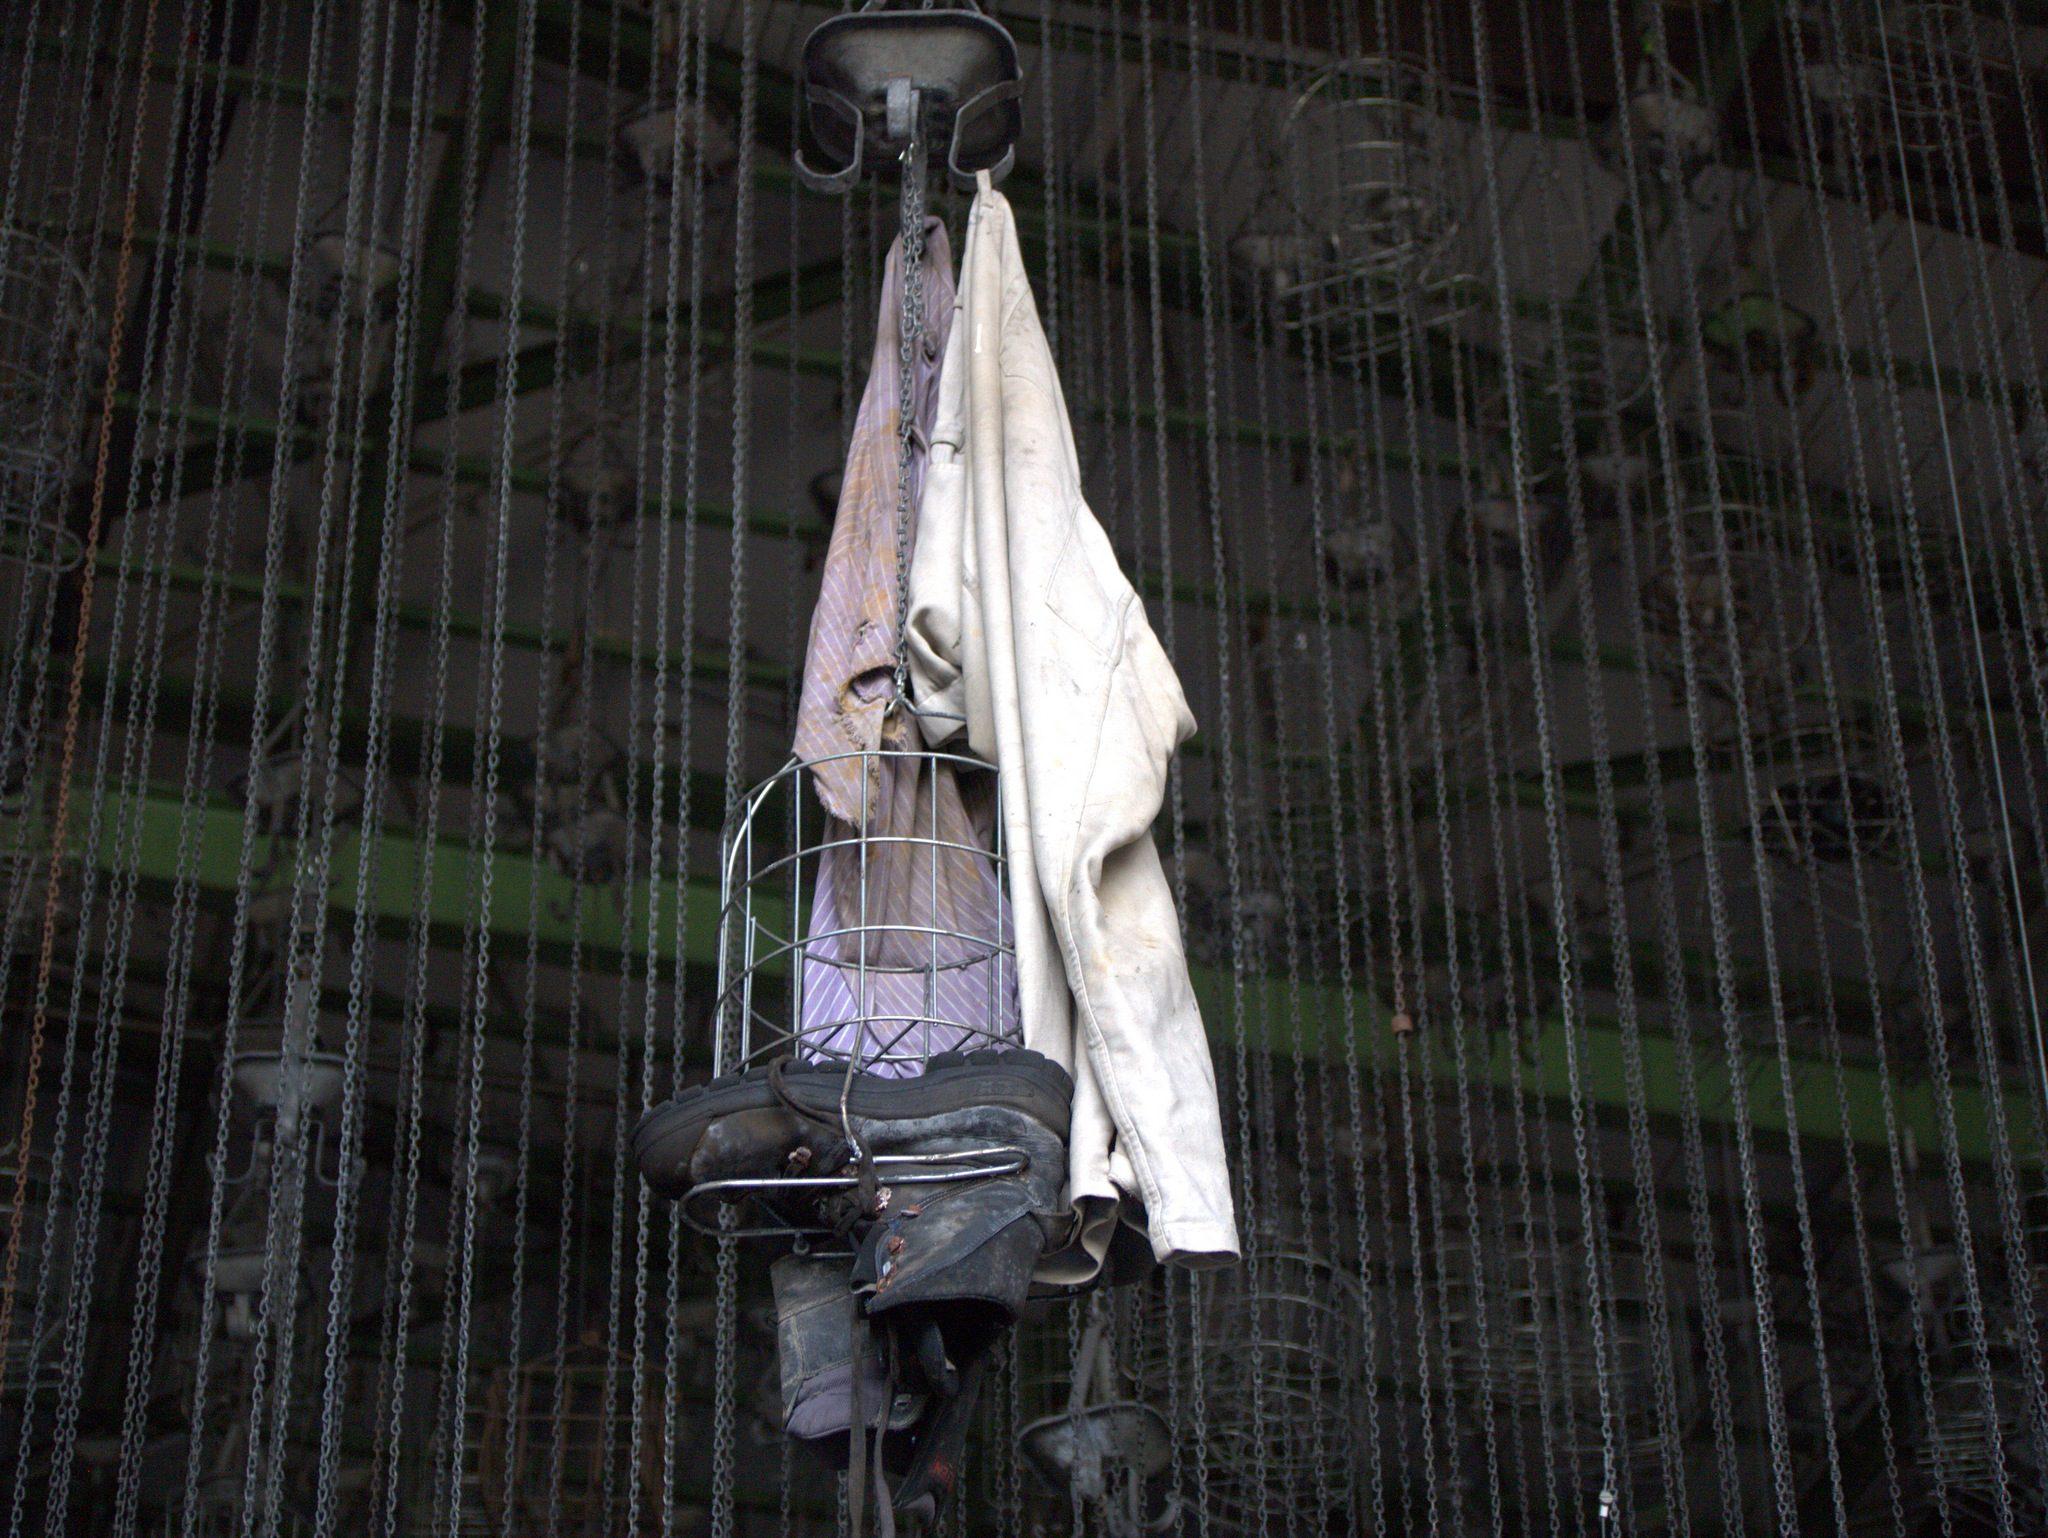 Eine Baumwollgarnitur hängt noch.